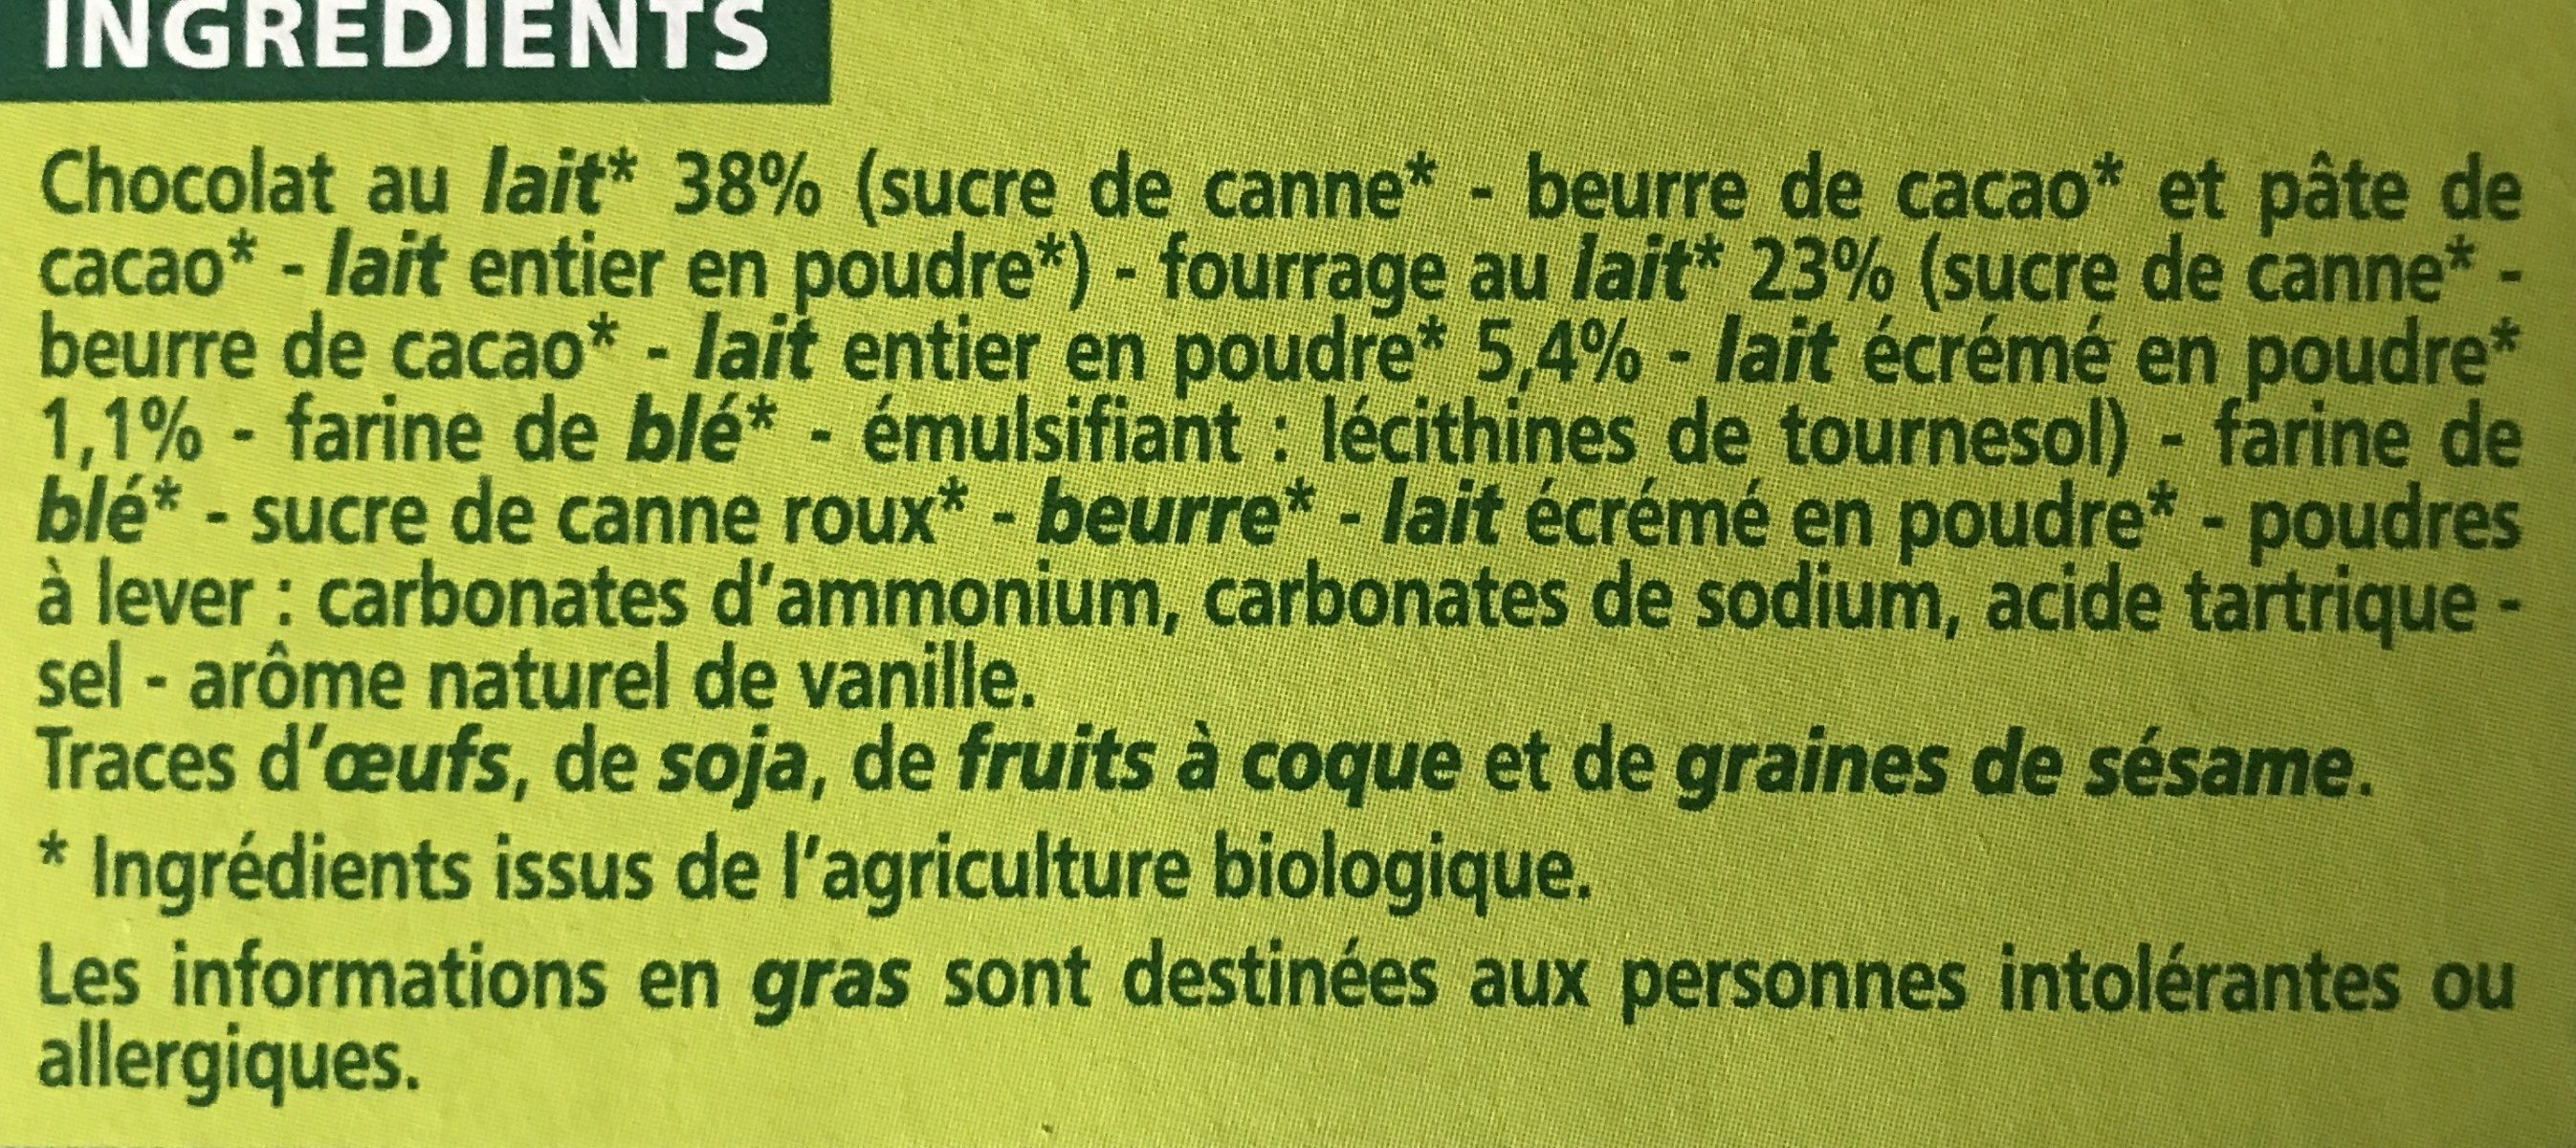 P'tits biscuits fourrage au lait - Ingrediënten